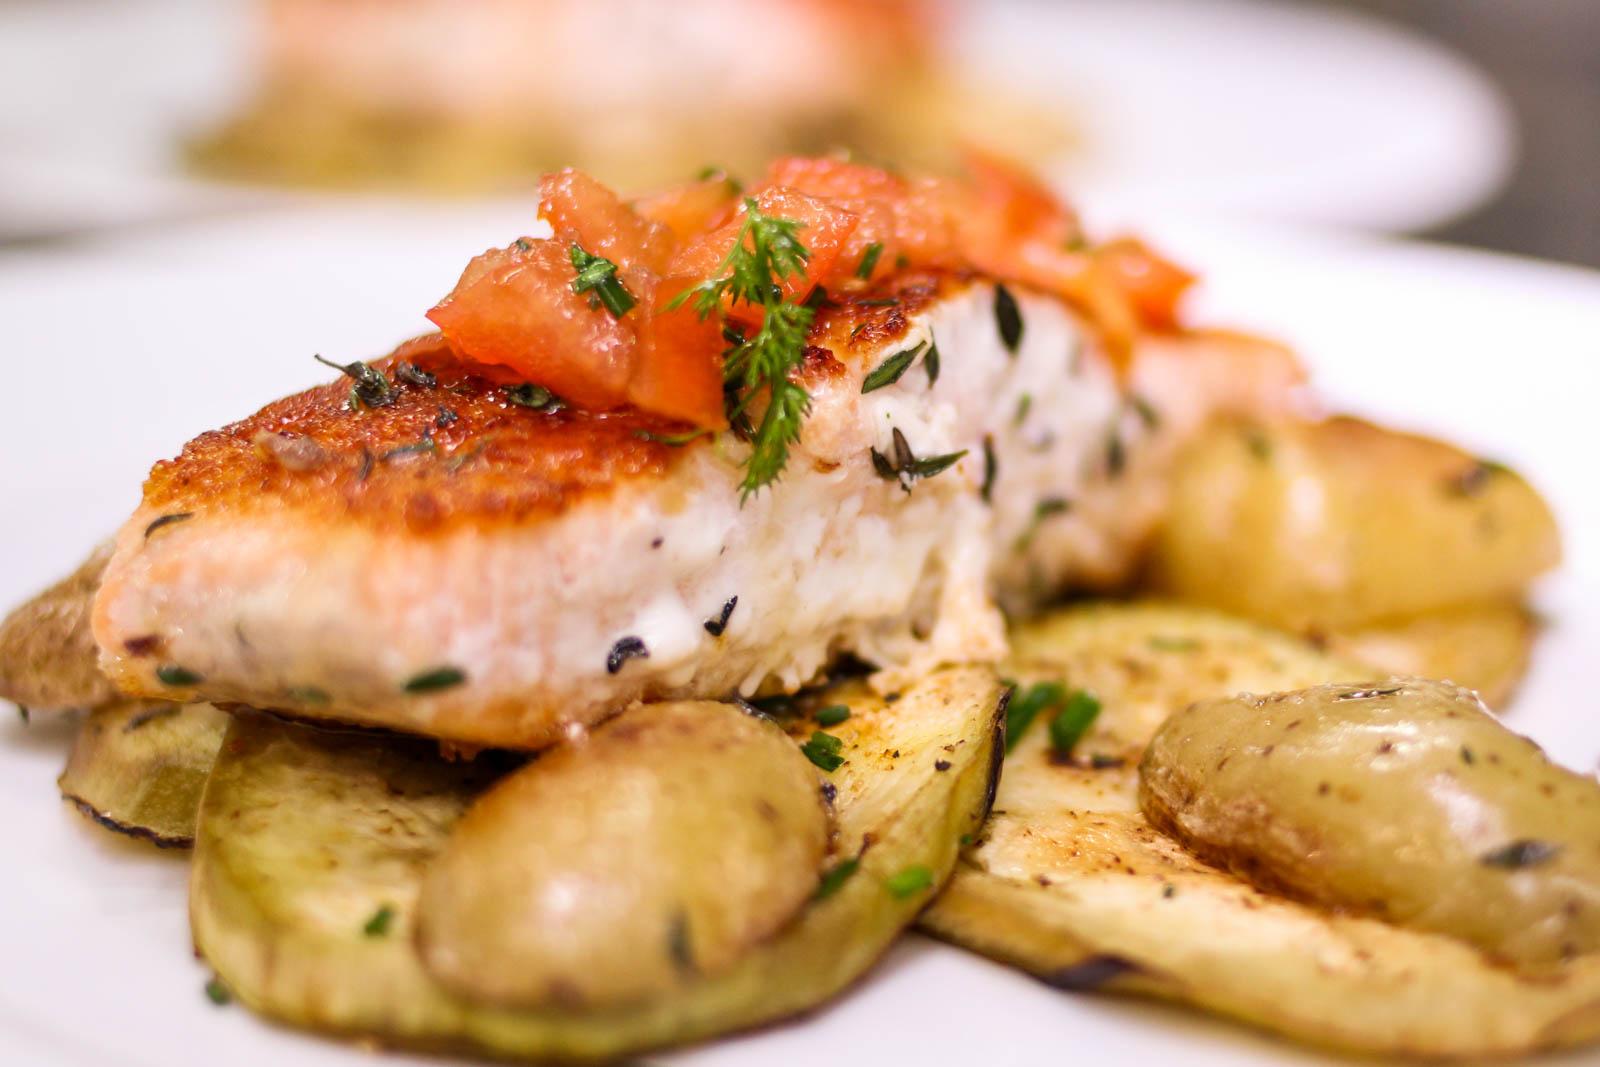 Fischgericht aus Lachsfilet auf Rosmarinkartoffeln und Auberginencarpaccio